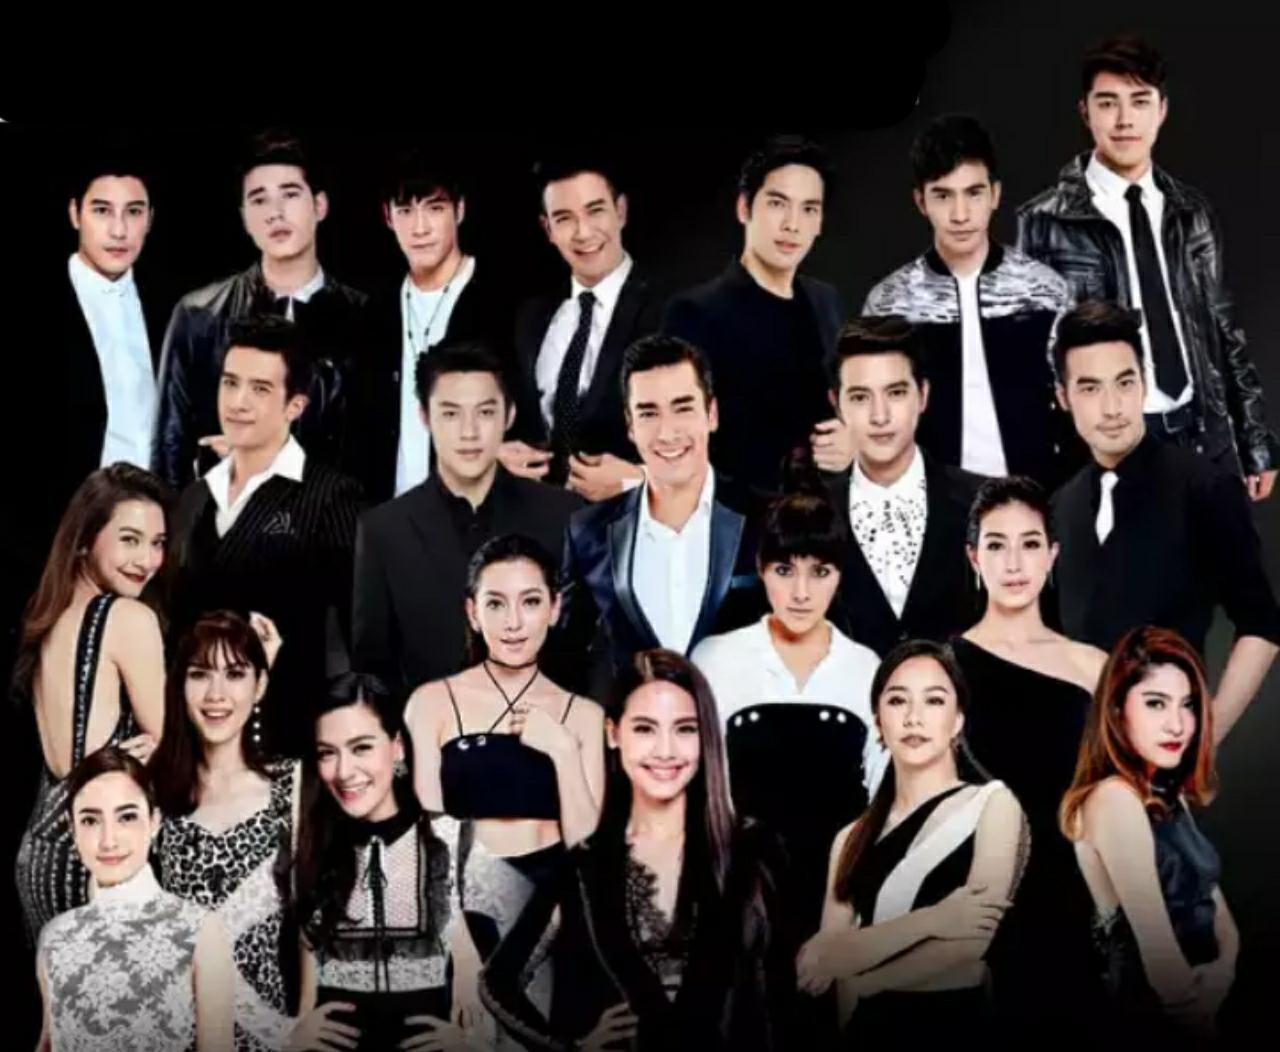 ทิศทางของนักแสดงช่อง 3 ในอีก 5-6 ปีข้างหน้า - Pantip